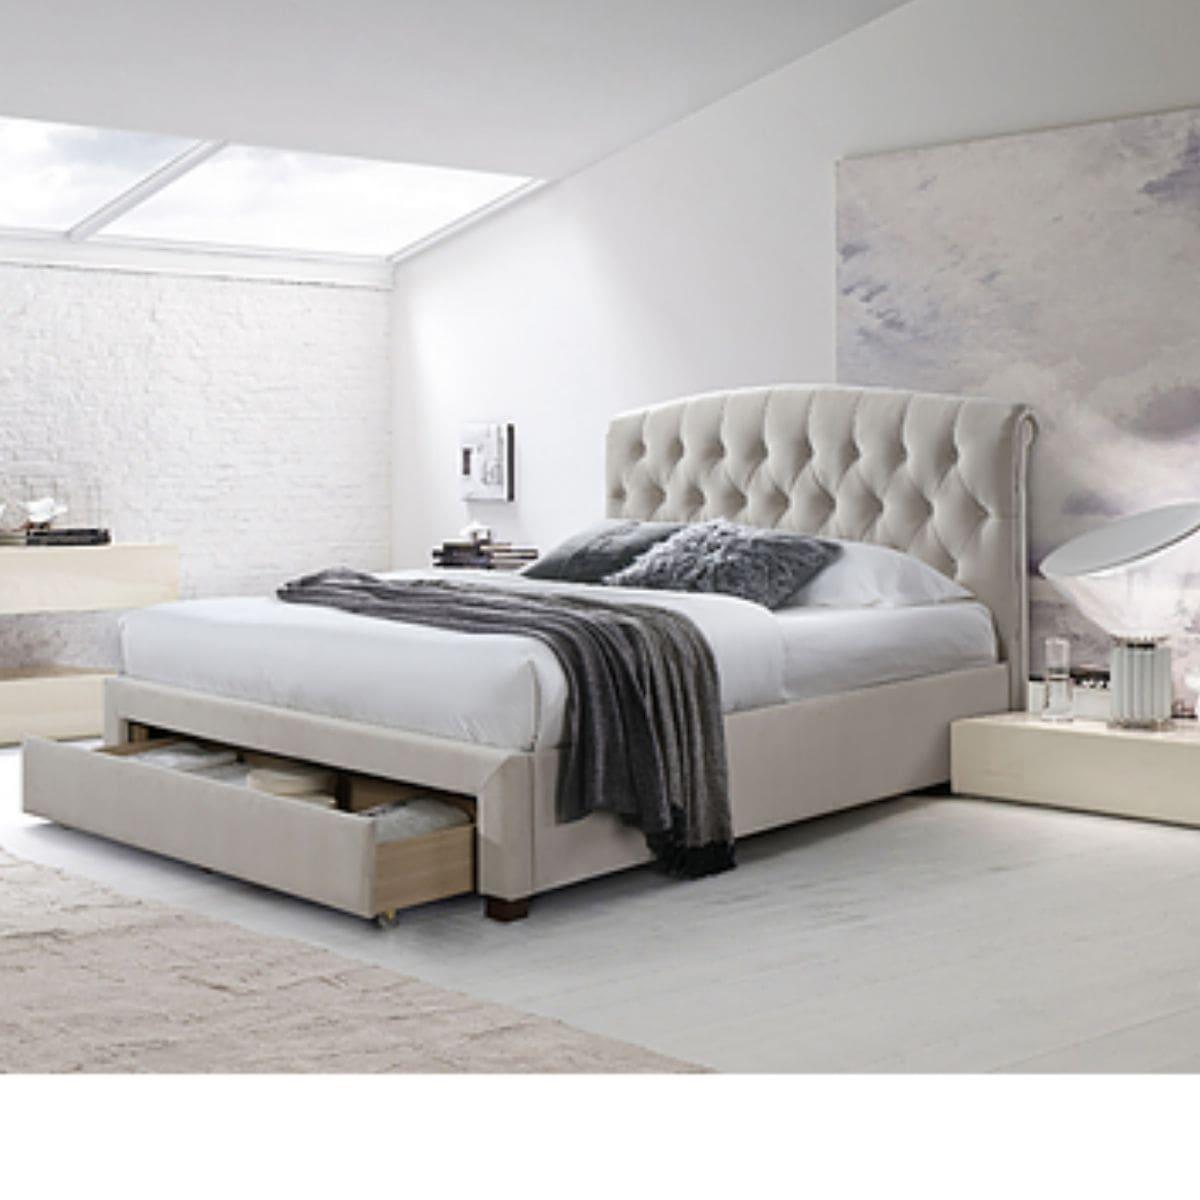 Grey Upholstered Platform Bed